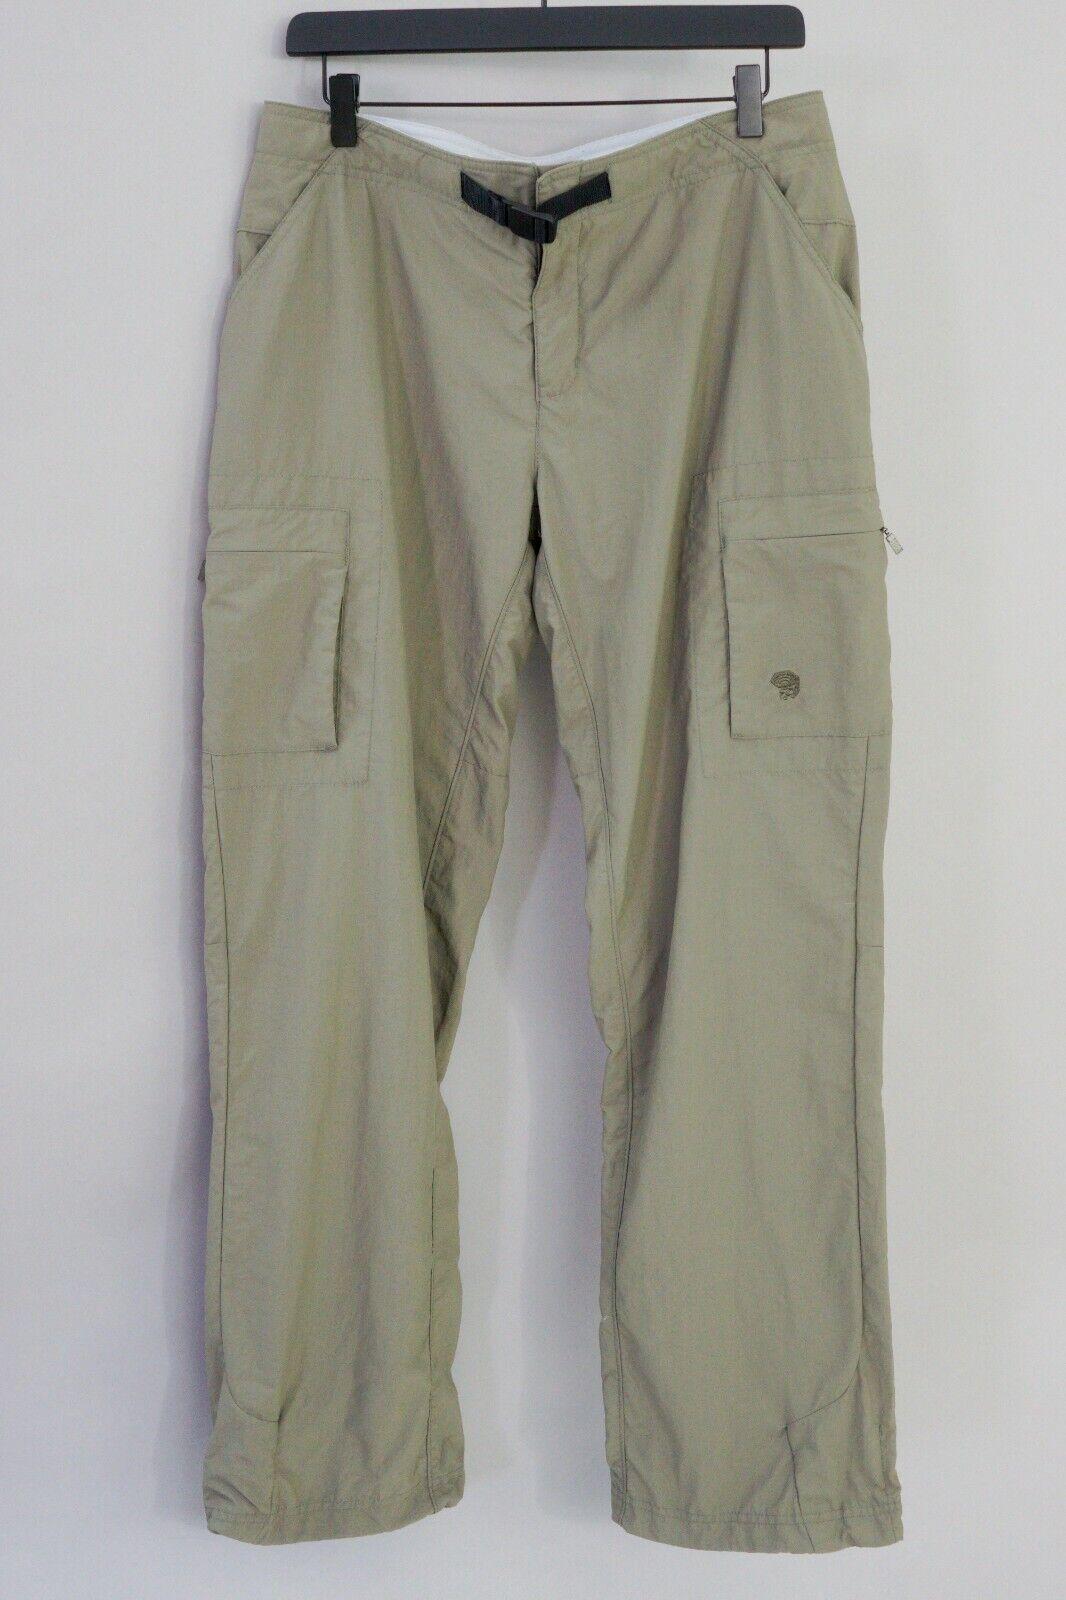 Women Mountain Hardwear Trousers Outdoor Hiking Camping 10 W34 L32 JJB124